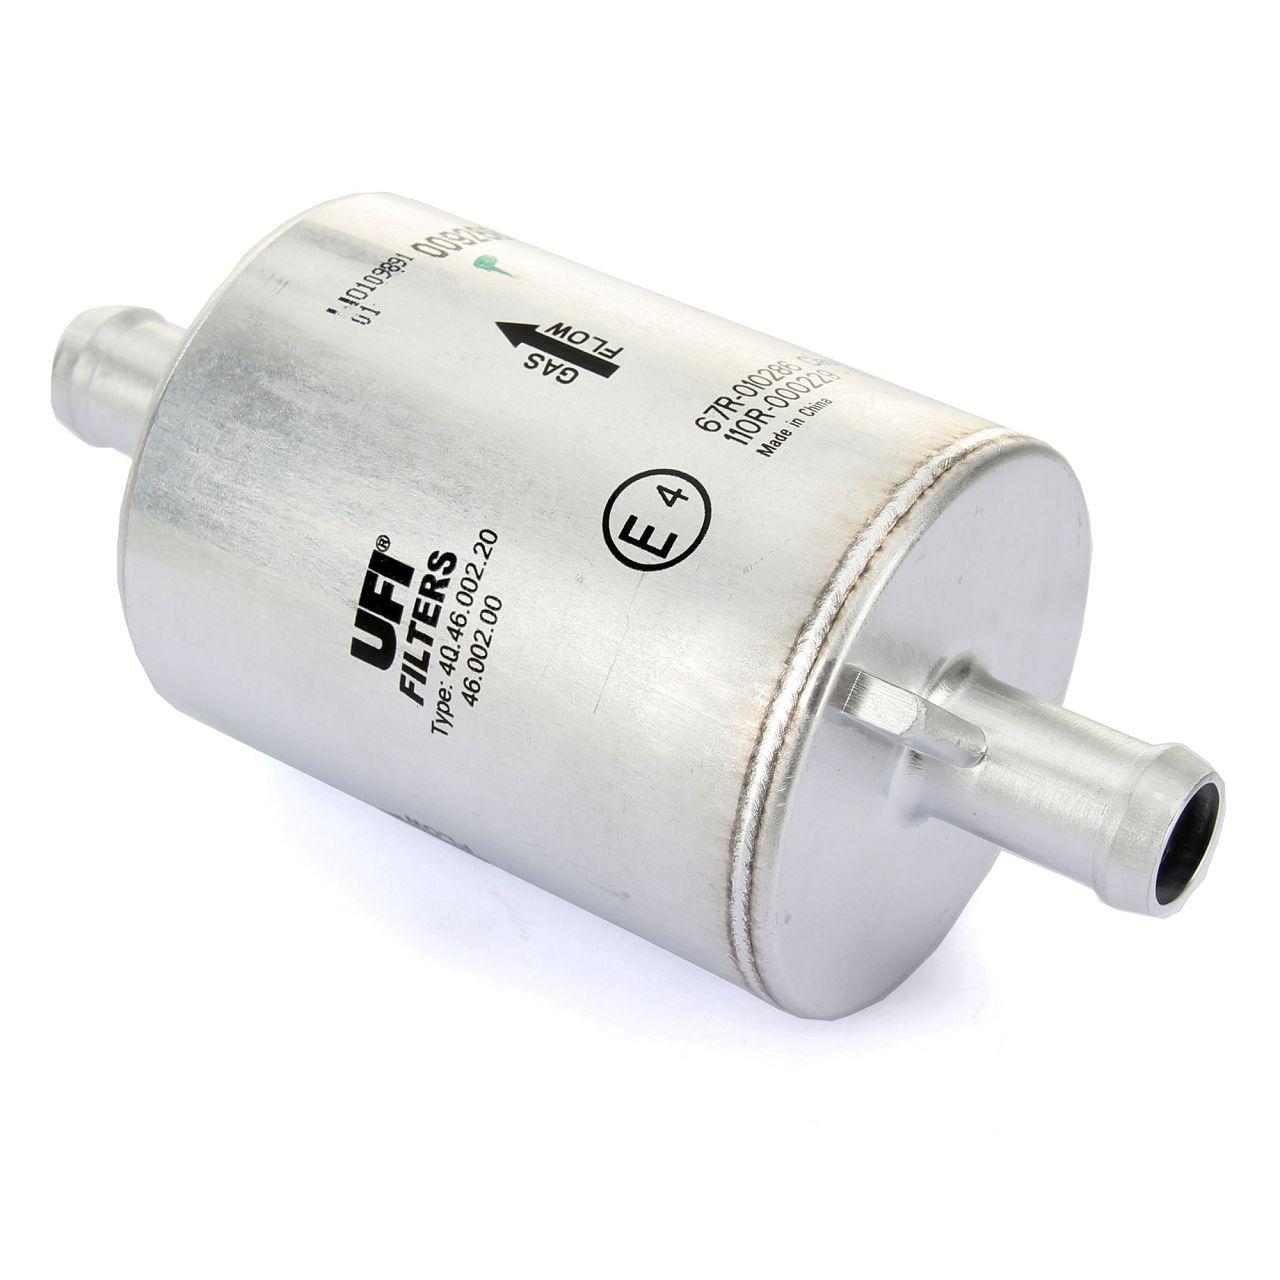 Kraftstofffilter Gasfilter Flüssiggasfilter für Citroen C3 C4 DS3 Peugeot 208